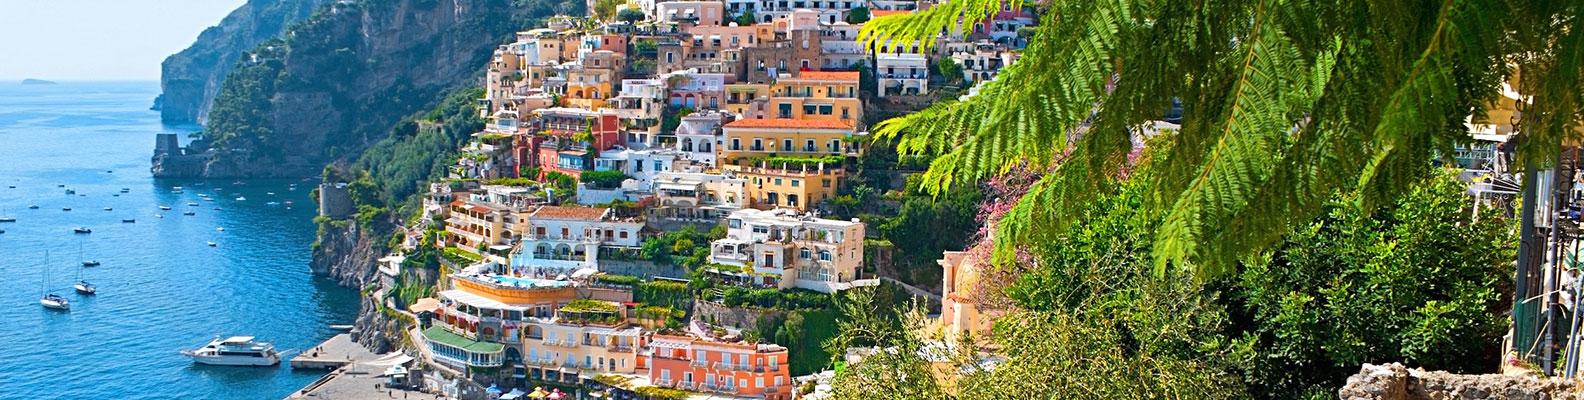 Amalfitian Coast